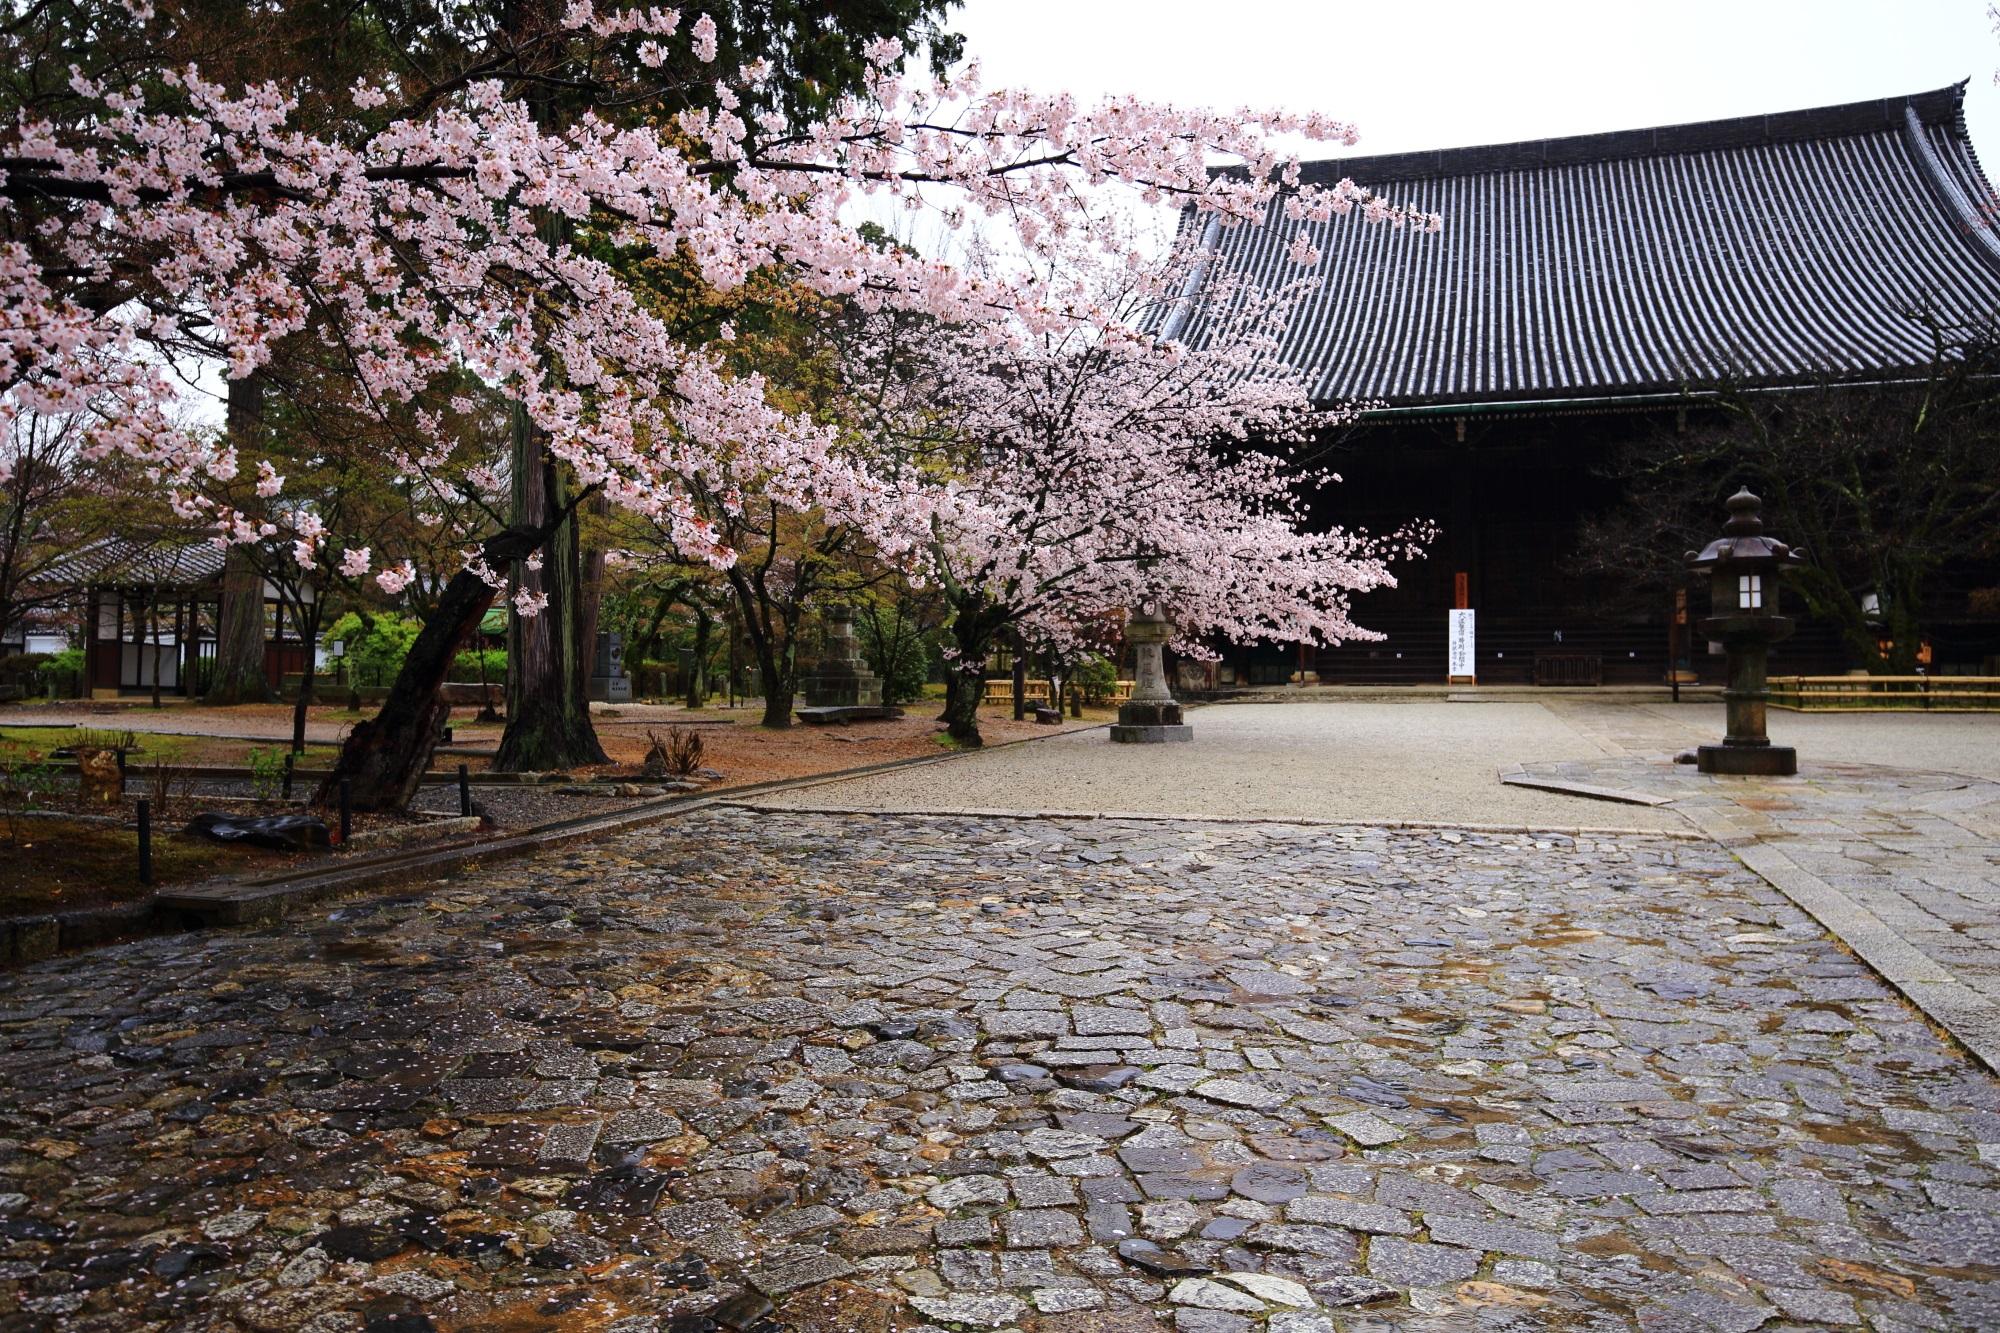 桜の名所の真如堂の本堂と満開の桜